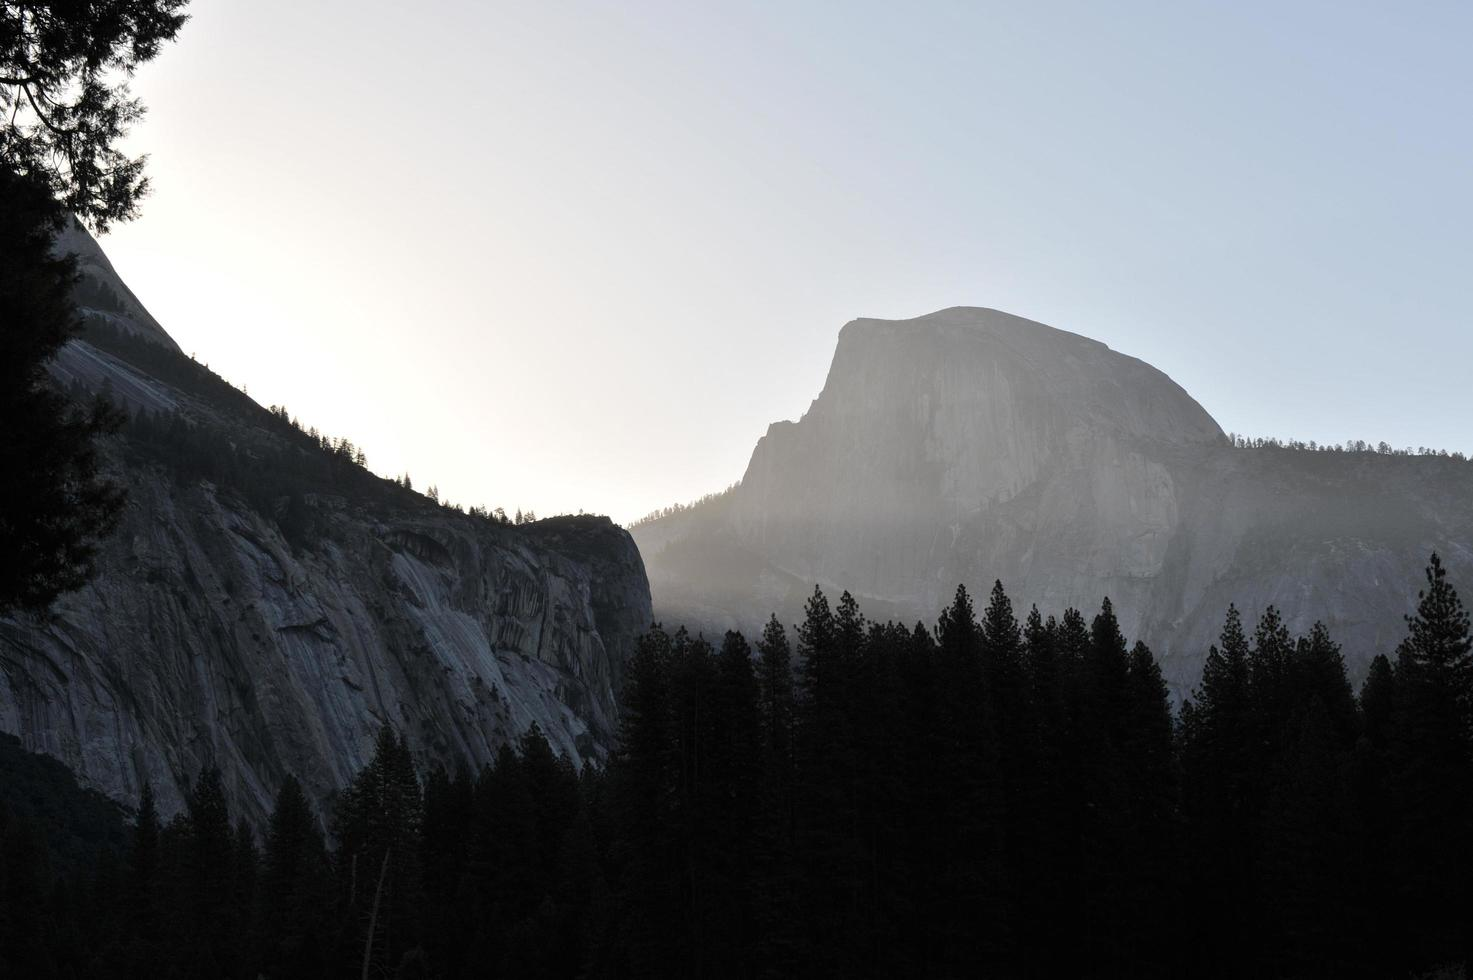 ochtendlandschap in het Yosemite National Park foto